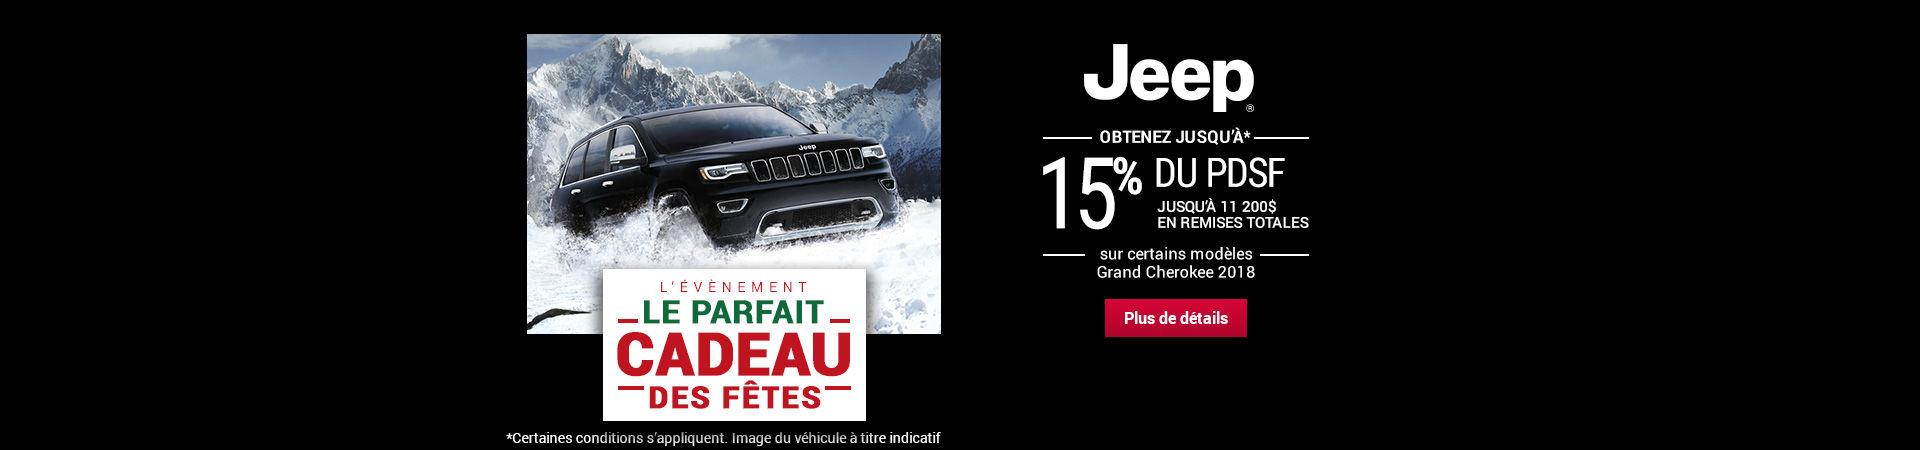 Parfait cadeau event - Jeep